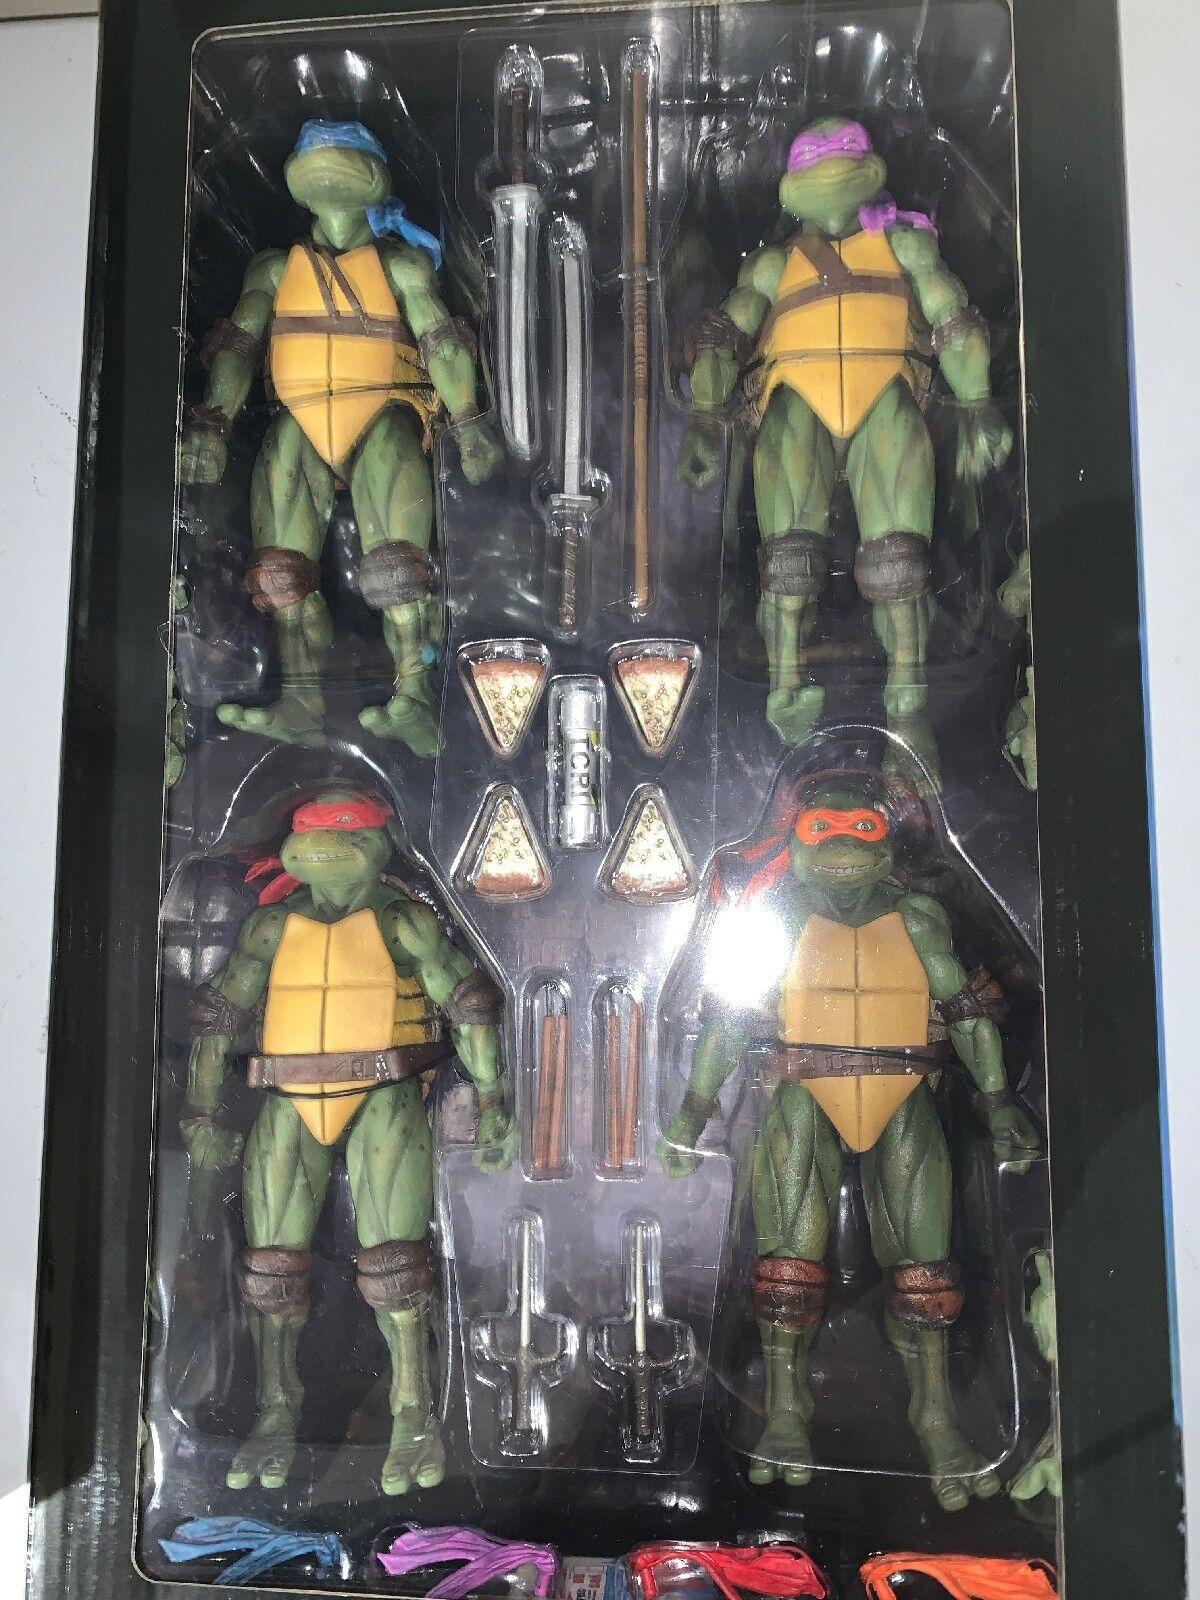 NECA Teenage Mutant Ninja Turtles The Movie 2018 SDCC Action Figure Set Exclusiv